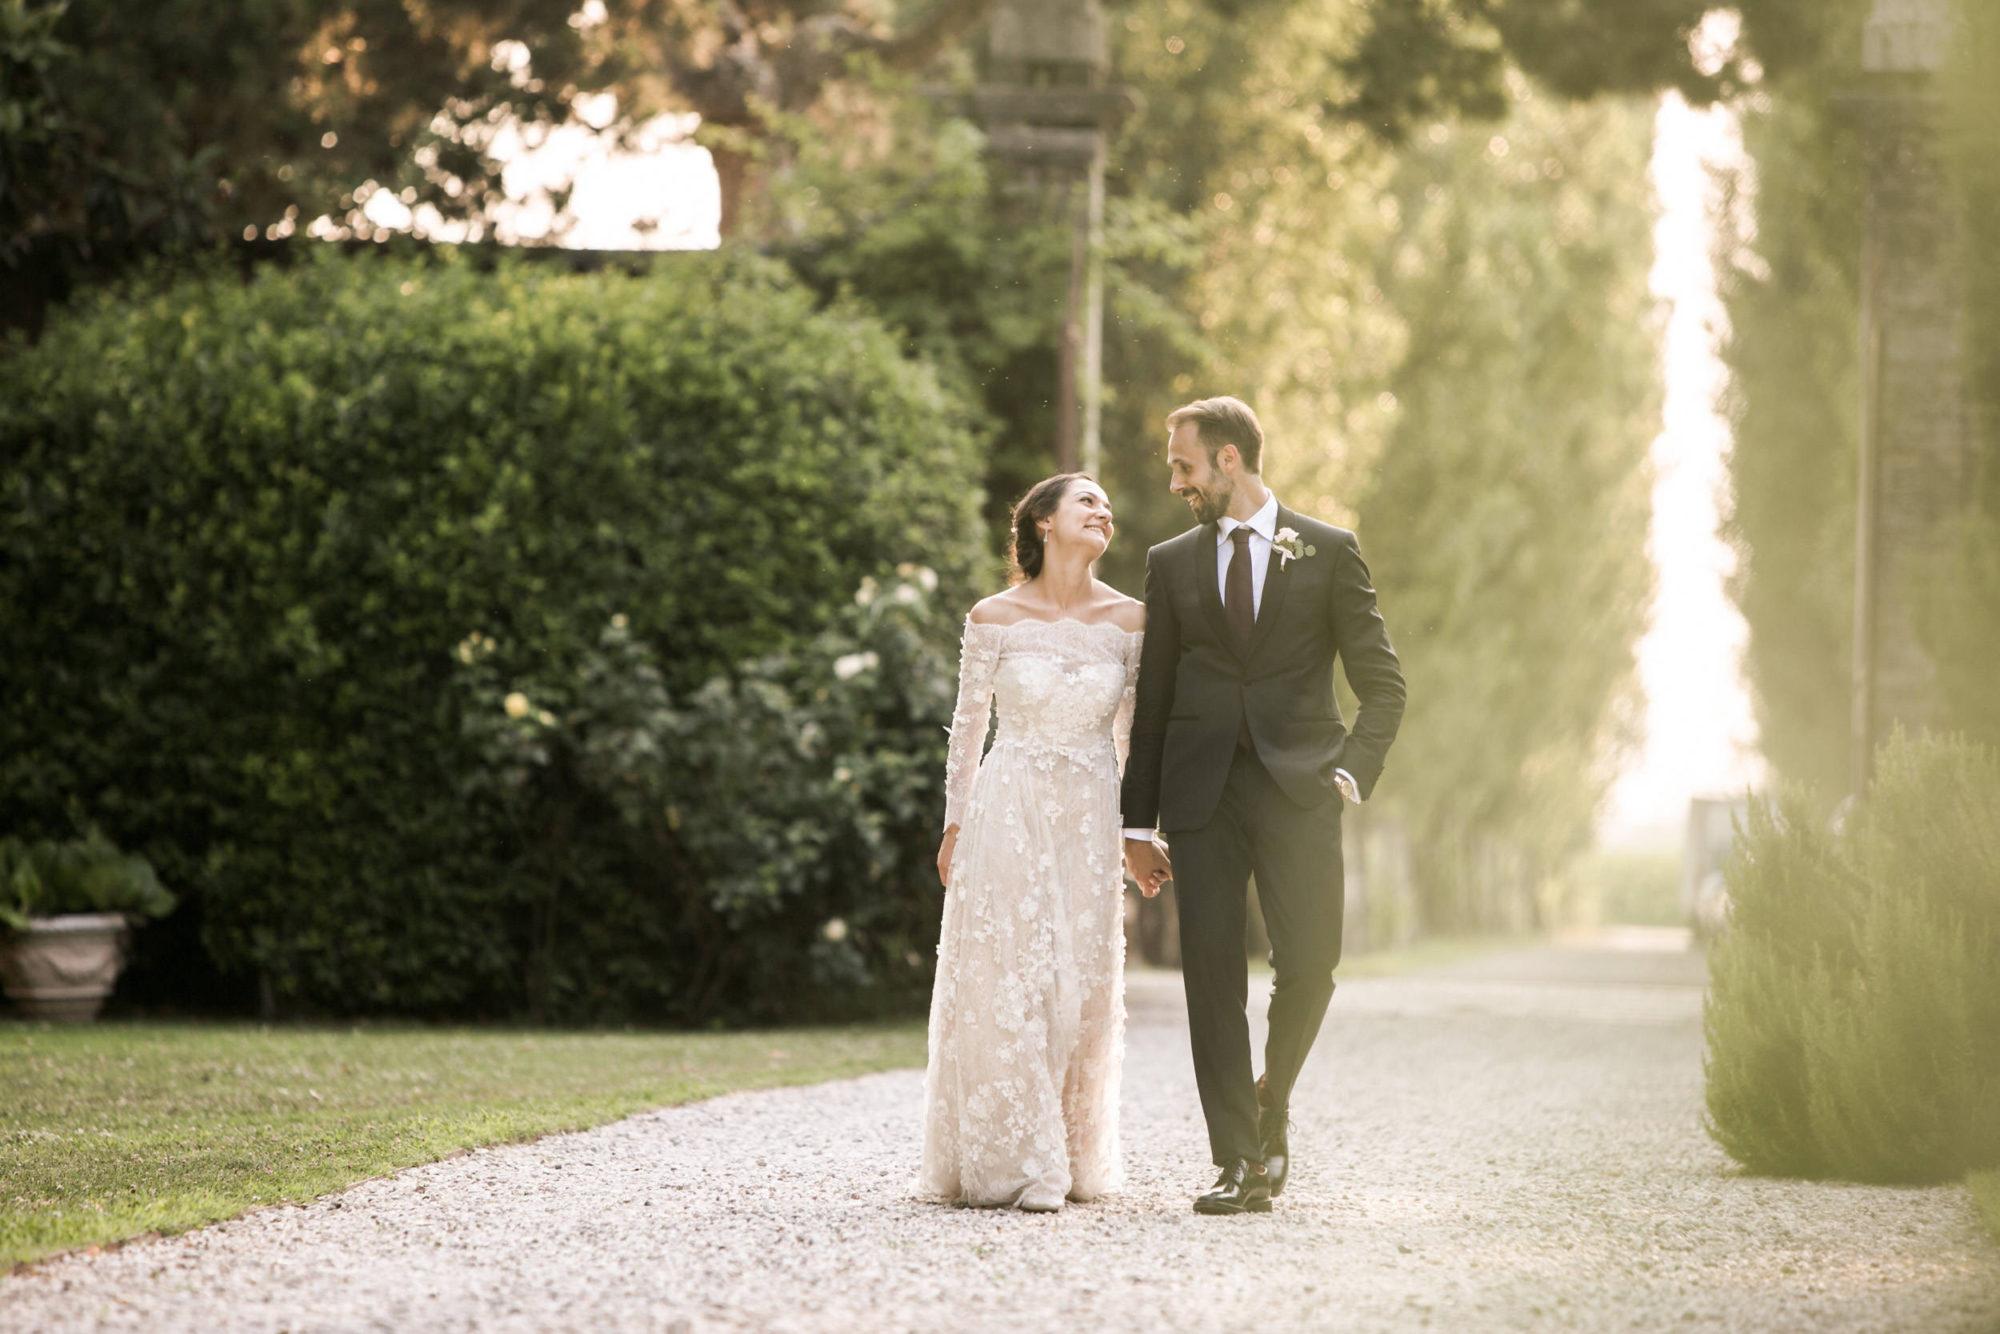 matrimonio_convento_annunciata_BA-069